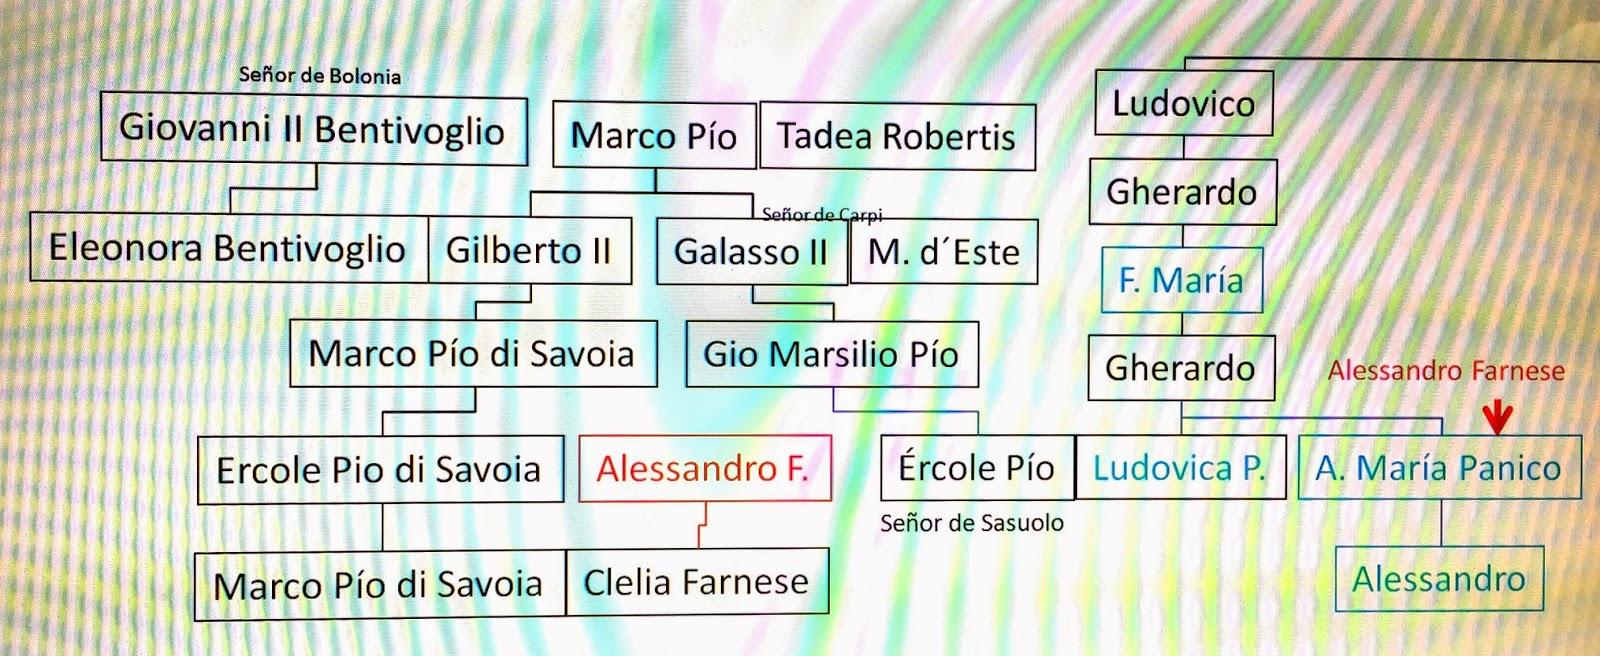 Conti di panico el cardenal alessandro farnese casa a su for Ercole farnese 2017